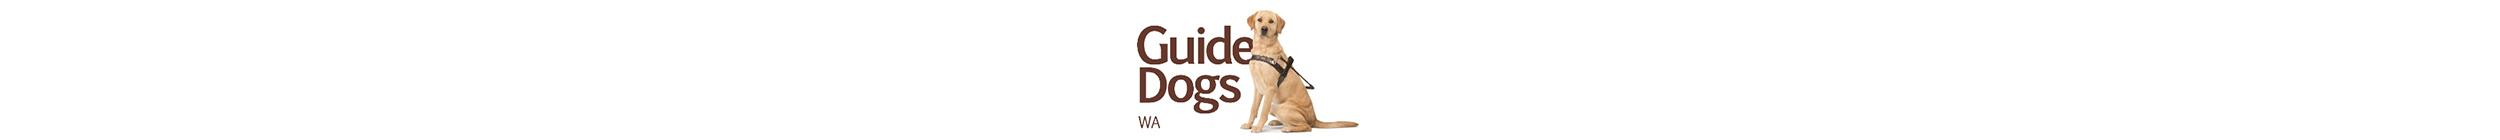 Guide Dogs WA Long.png